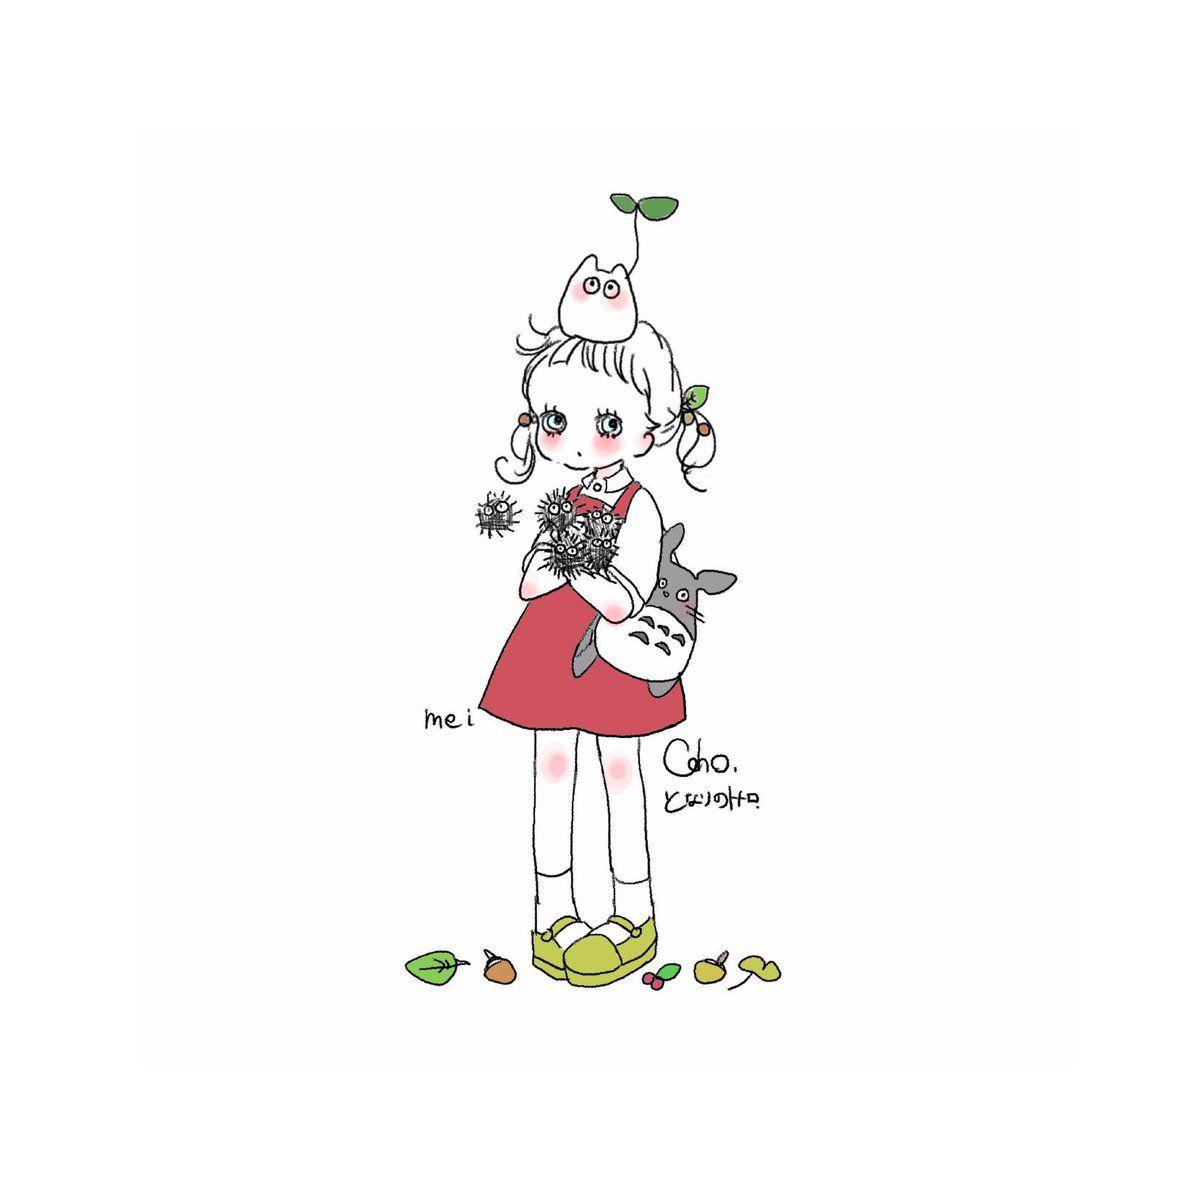 Illust Cute おしゃれまとめの人気アイデア Pinterest ᕱ ᕱ かわいい イラスト 手書き Caho イラスト かわいい スケッチ